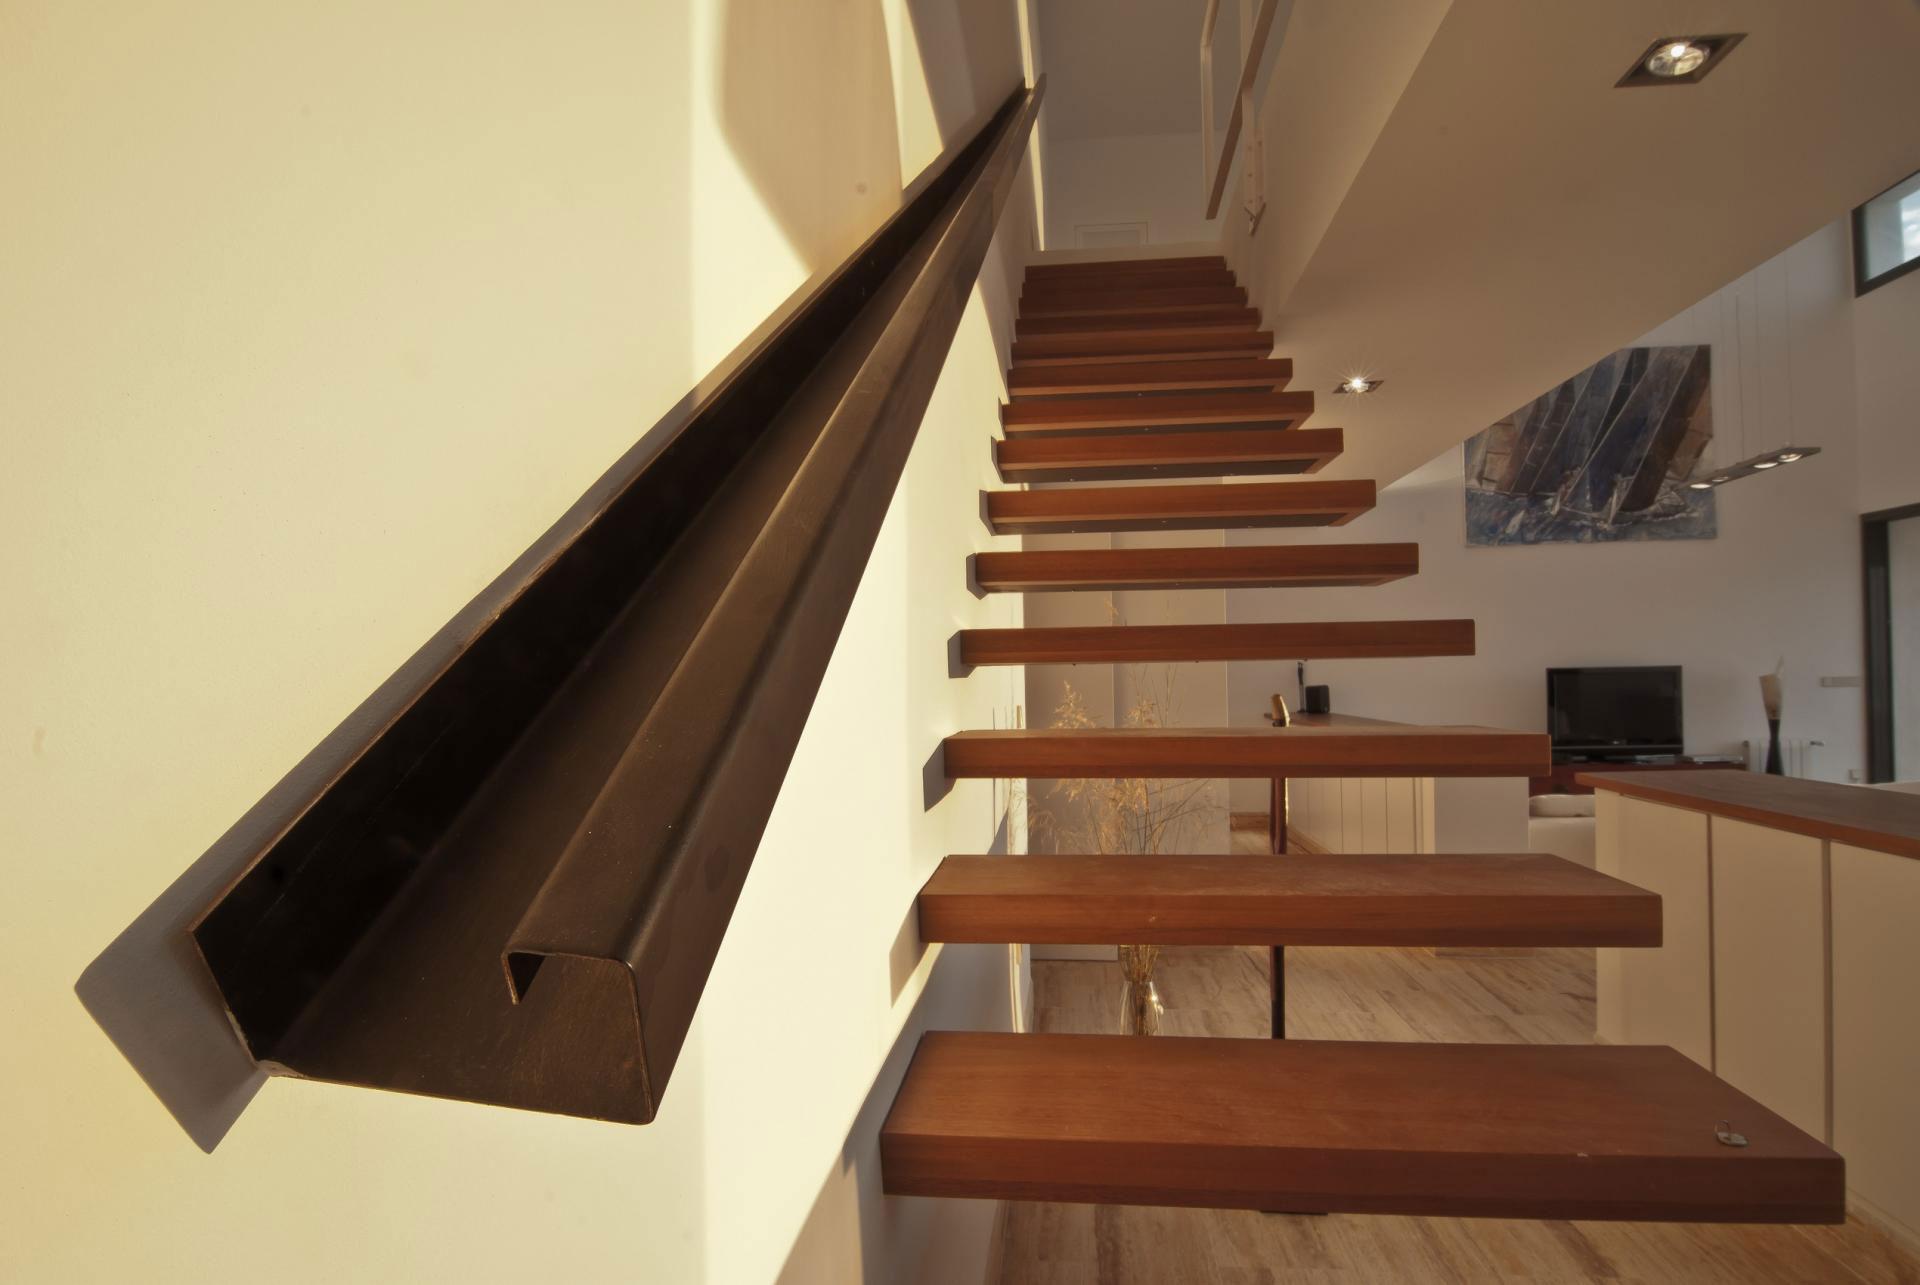 Деревянная лестница в интерьере - Фото 2